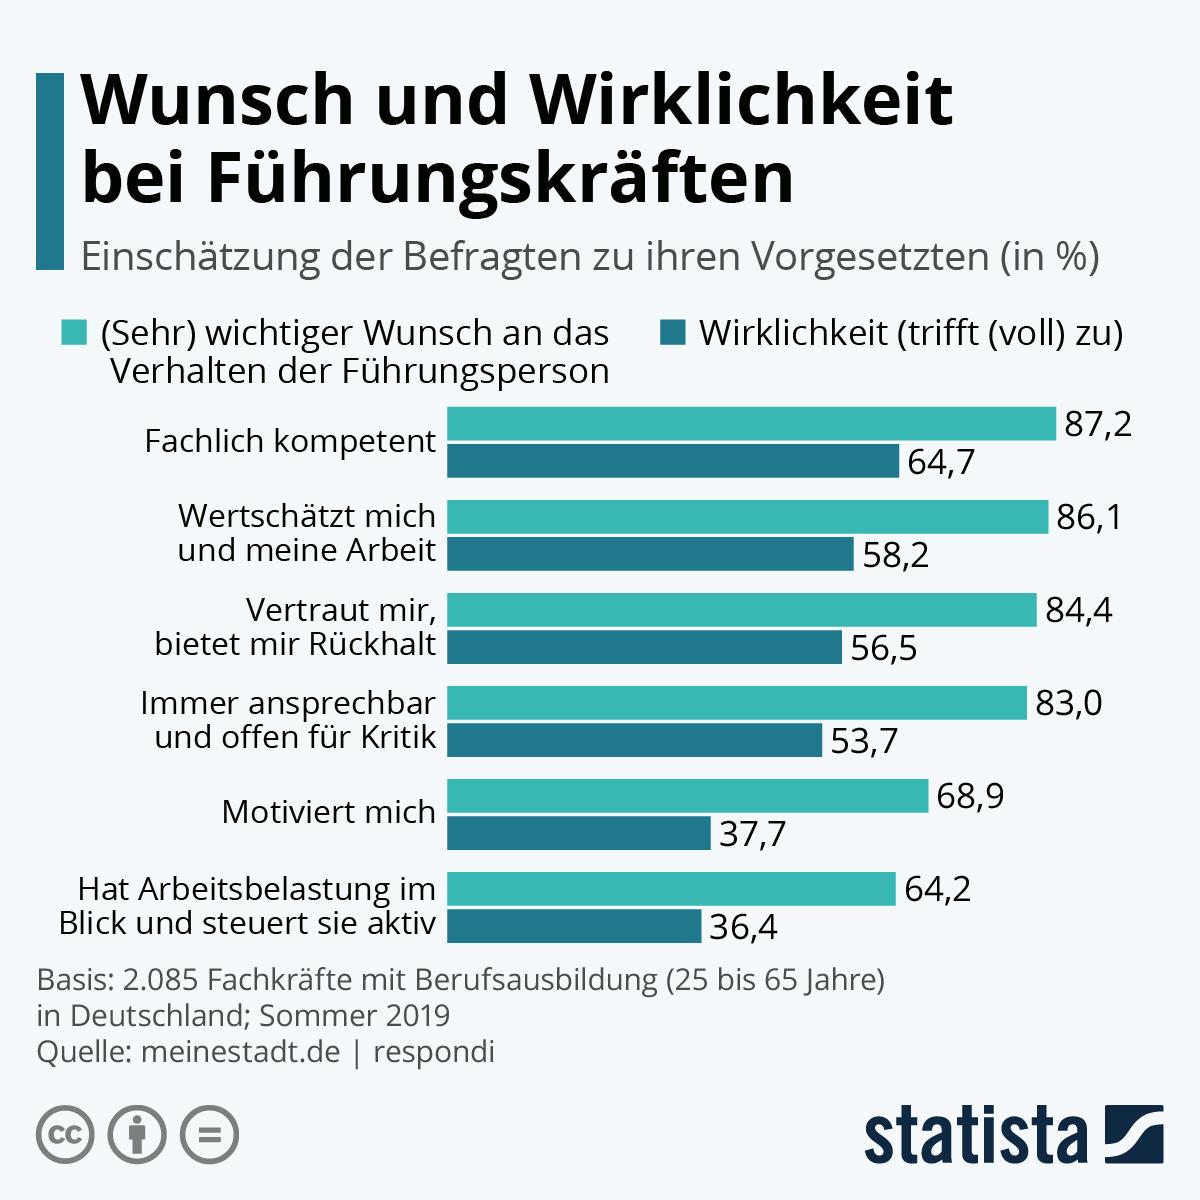 Infografik: Wunsch und Wirklichkeit bei Führungskräften | Statista